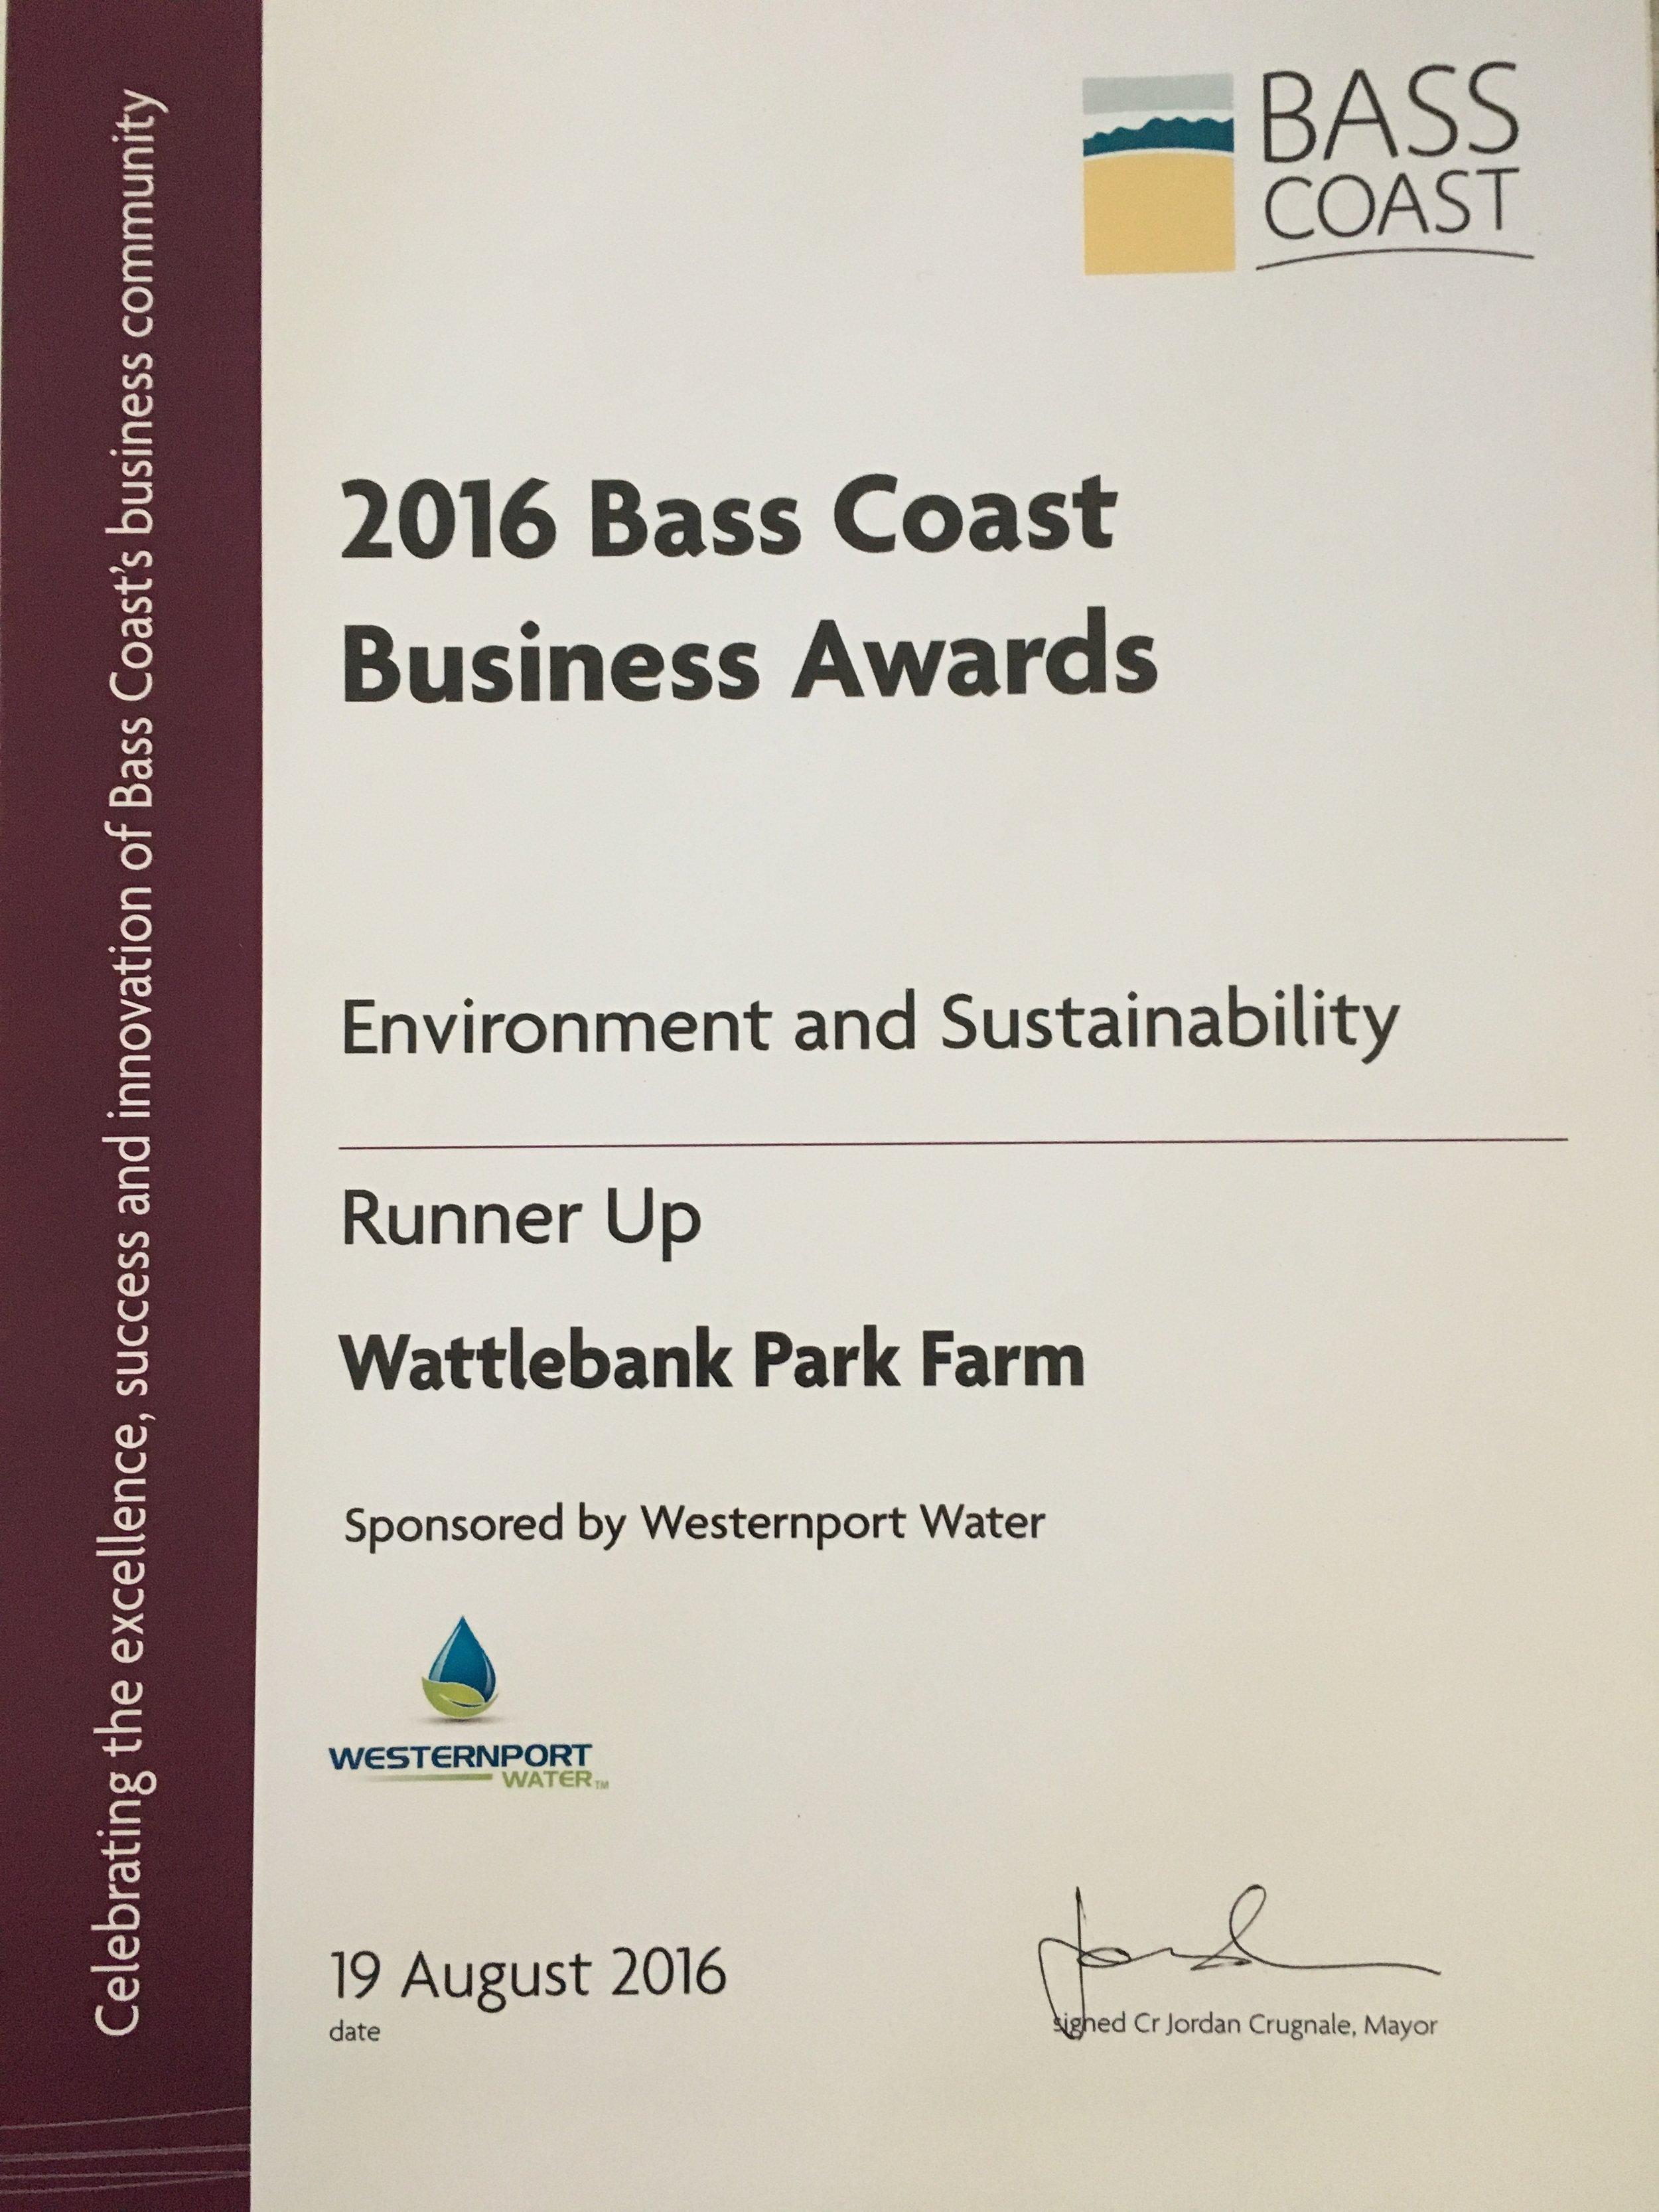 Bass Coast Business awards runner up 2016